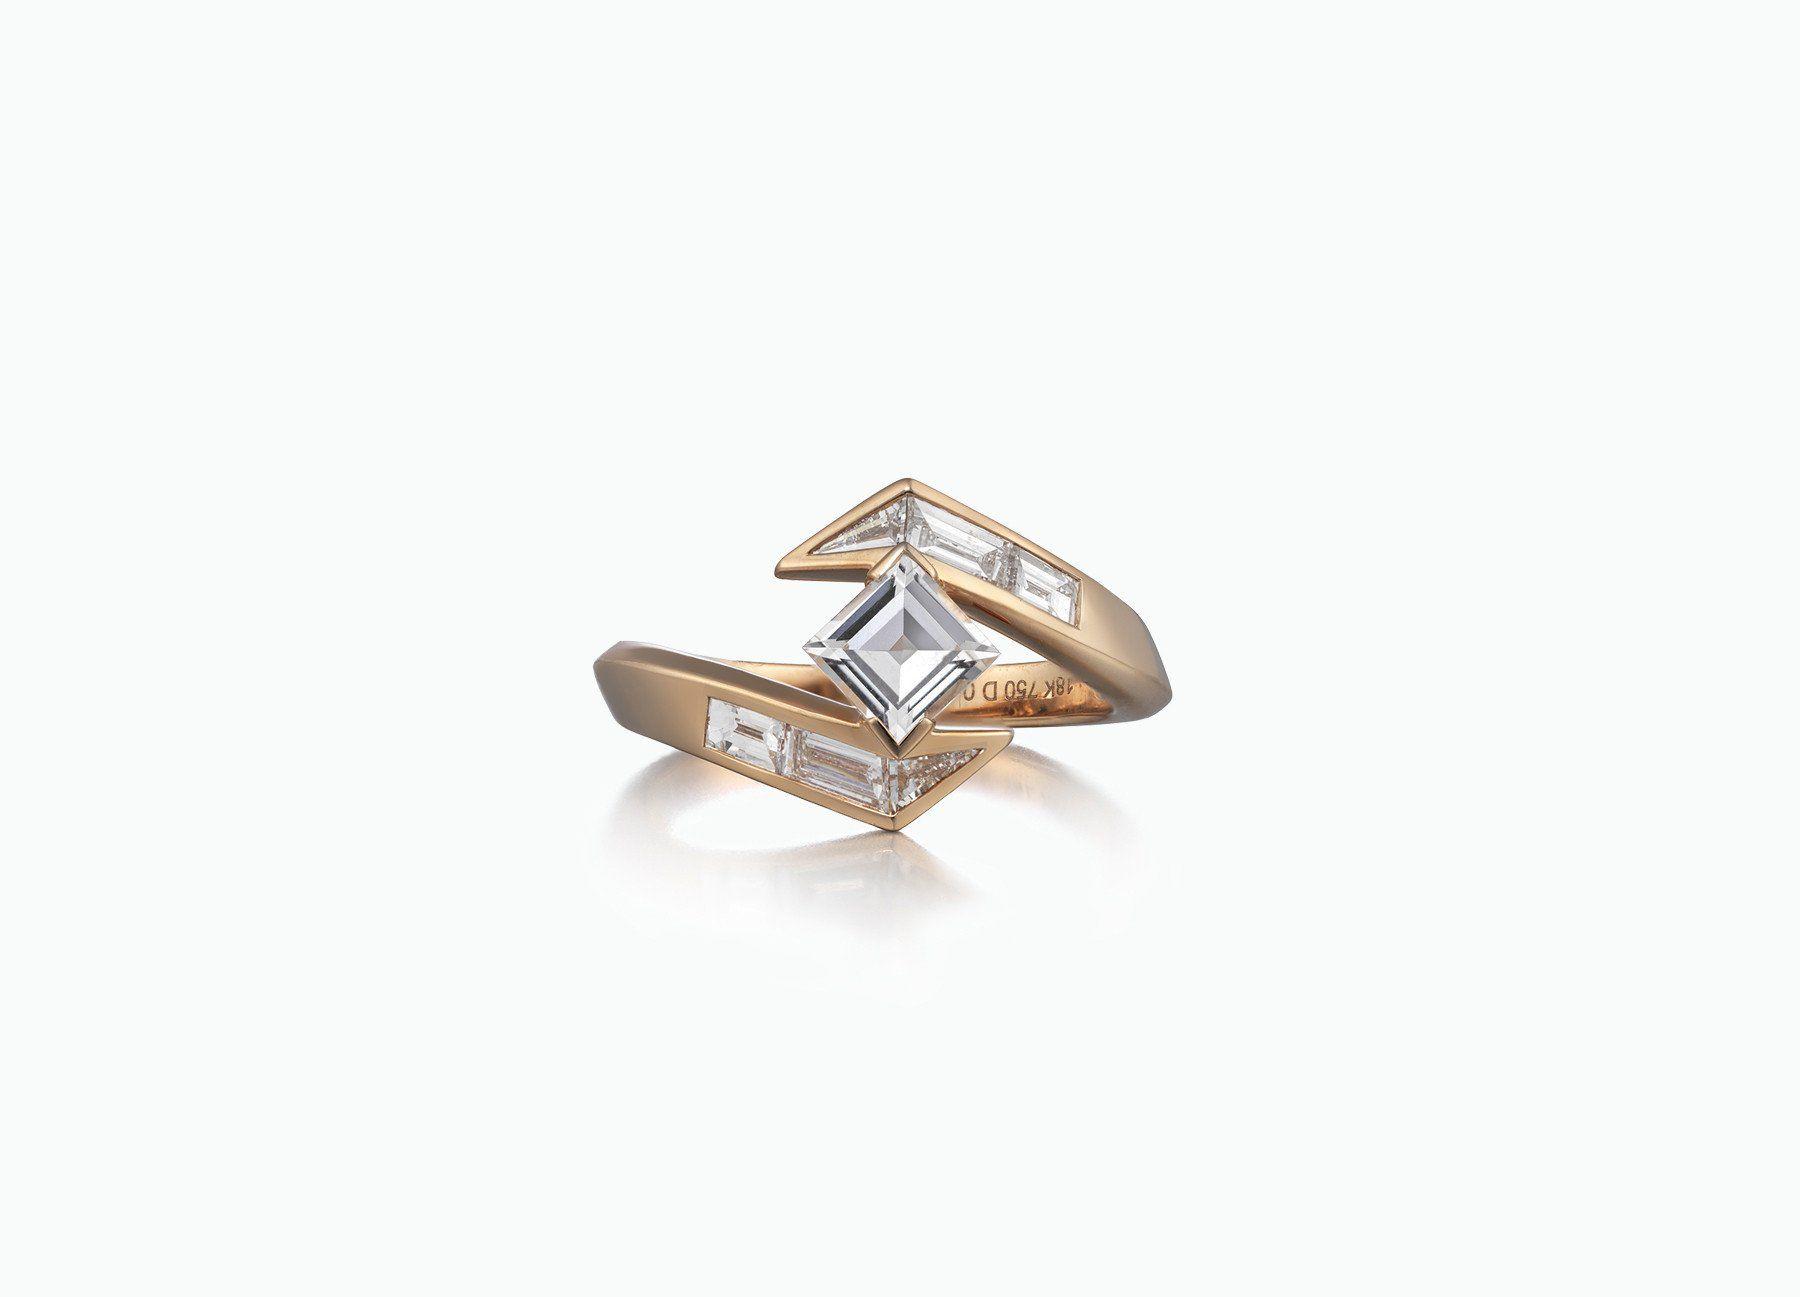 Tomasz Donocik Stellar Engagement Ring